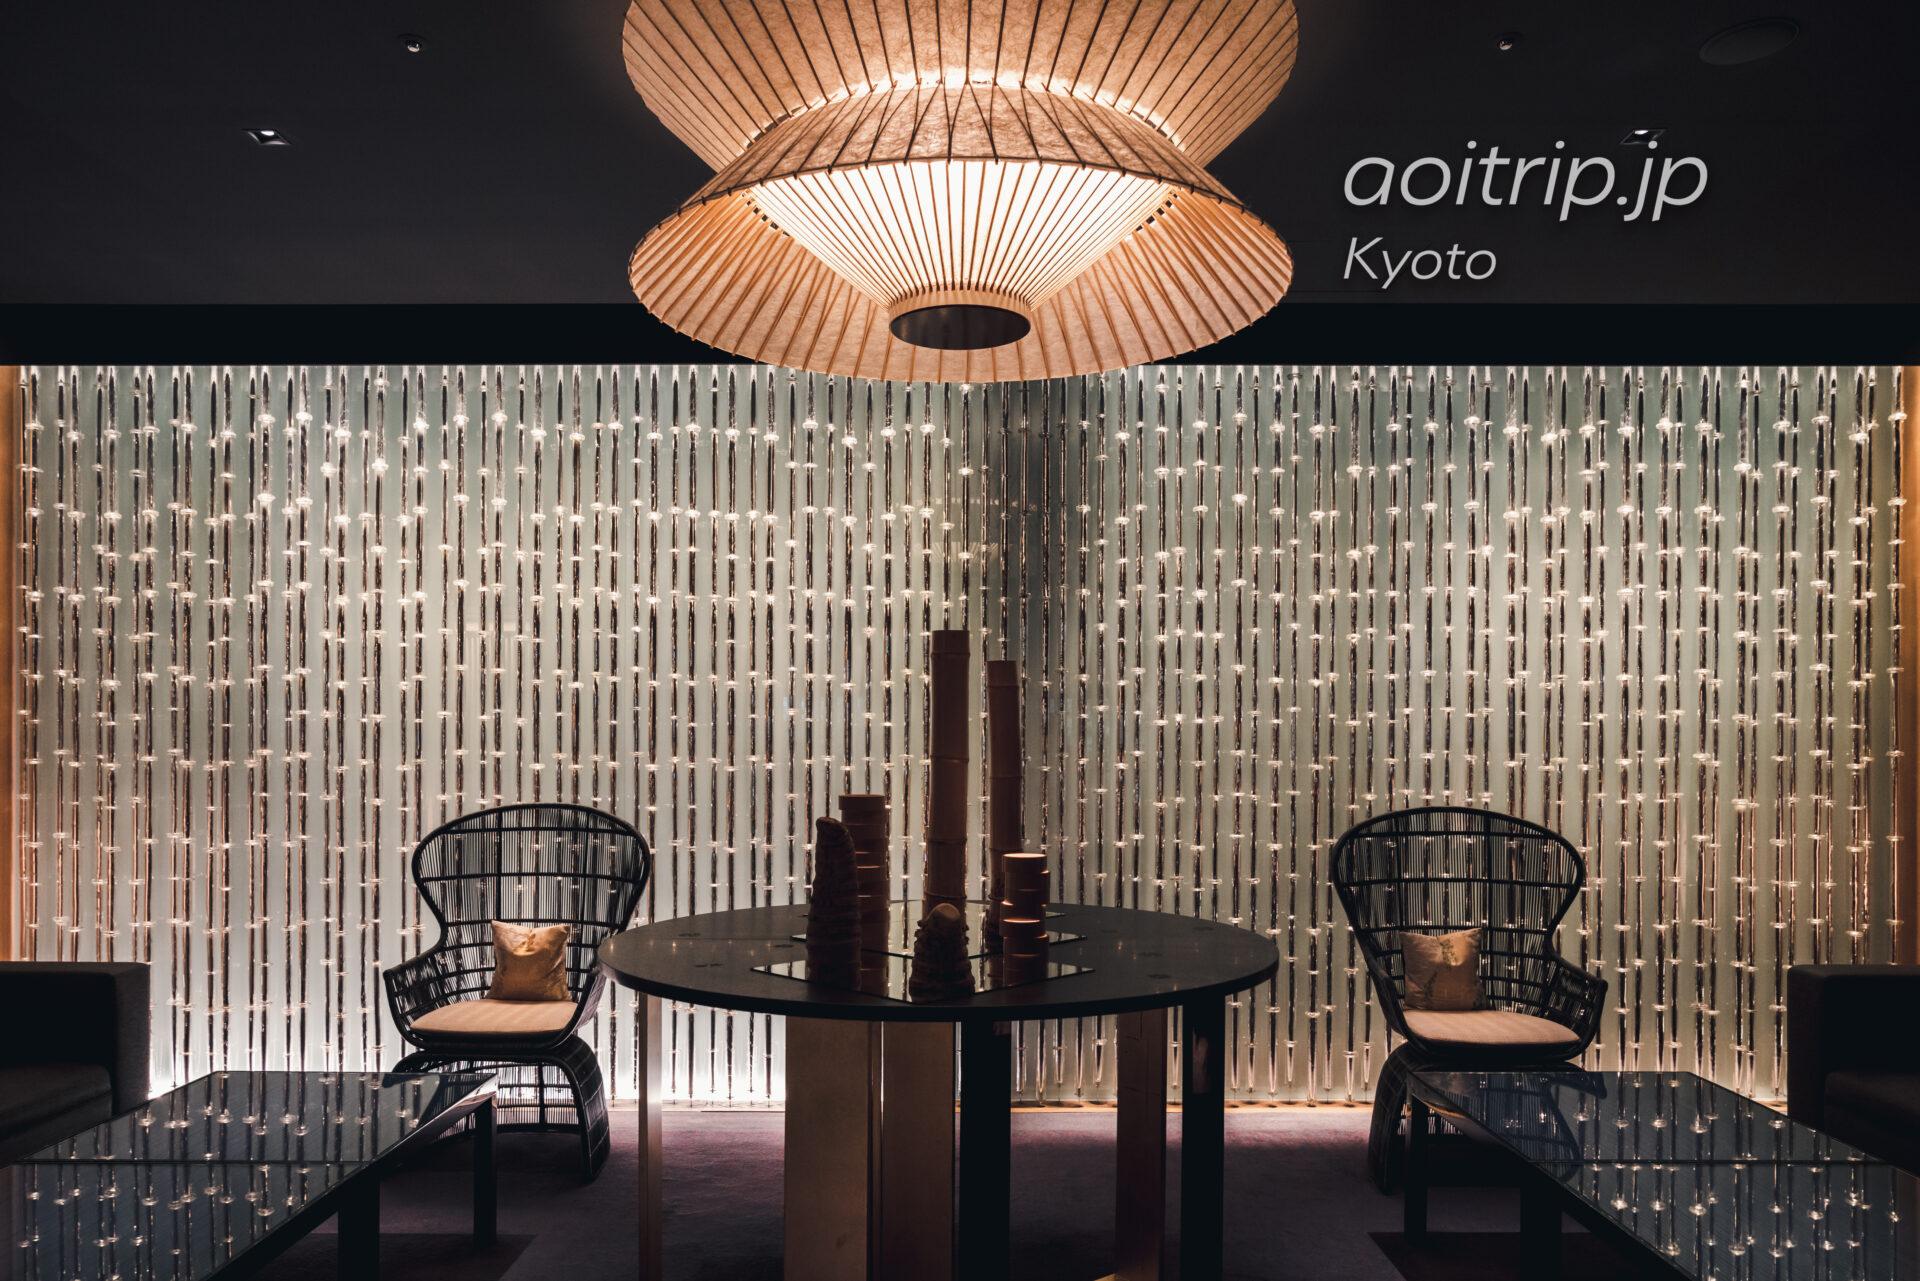 ザ リッツ カールトン京都 The Ritz-Carlton Kyoto ロビー 三嶋りつ恵 月の光